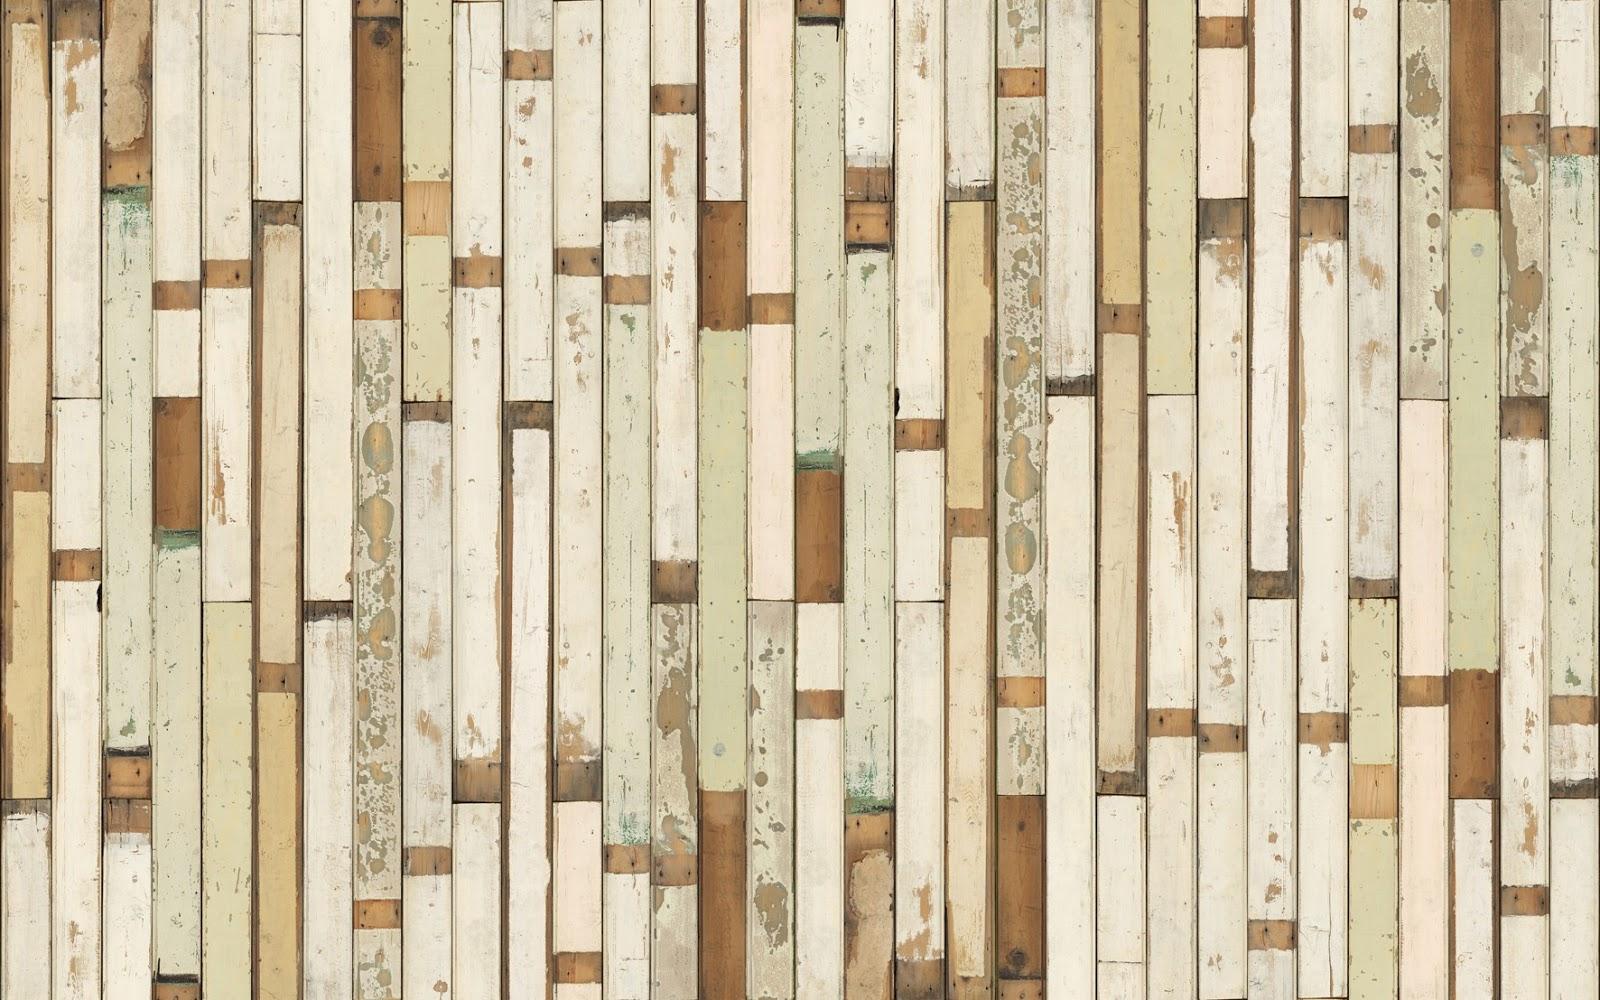 sloophouten behang piet hein eek misterdesign